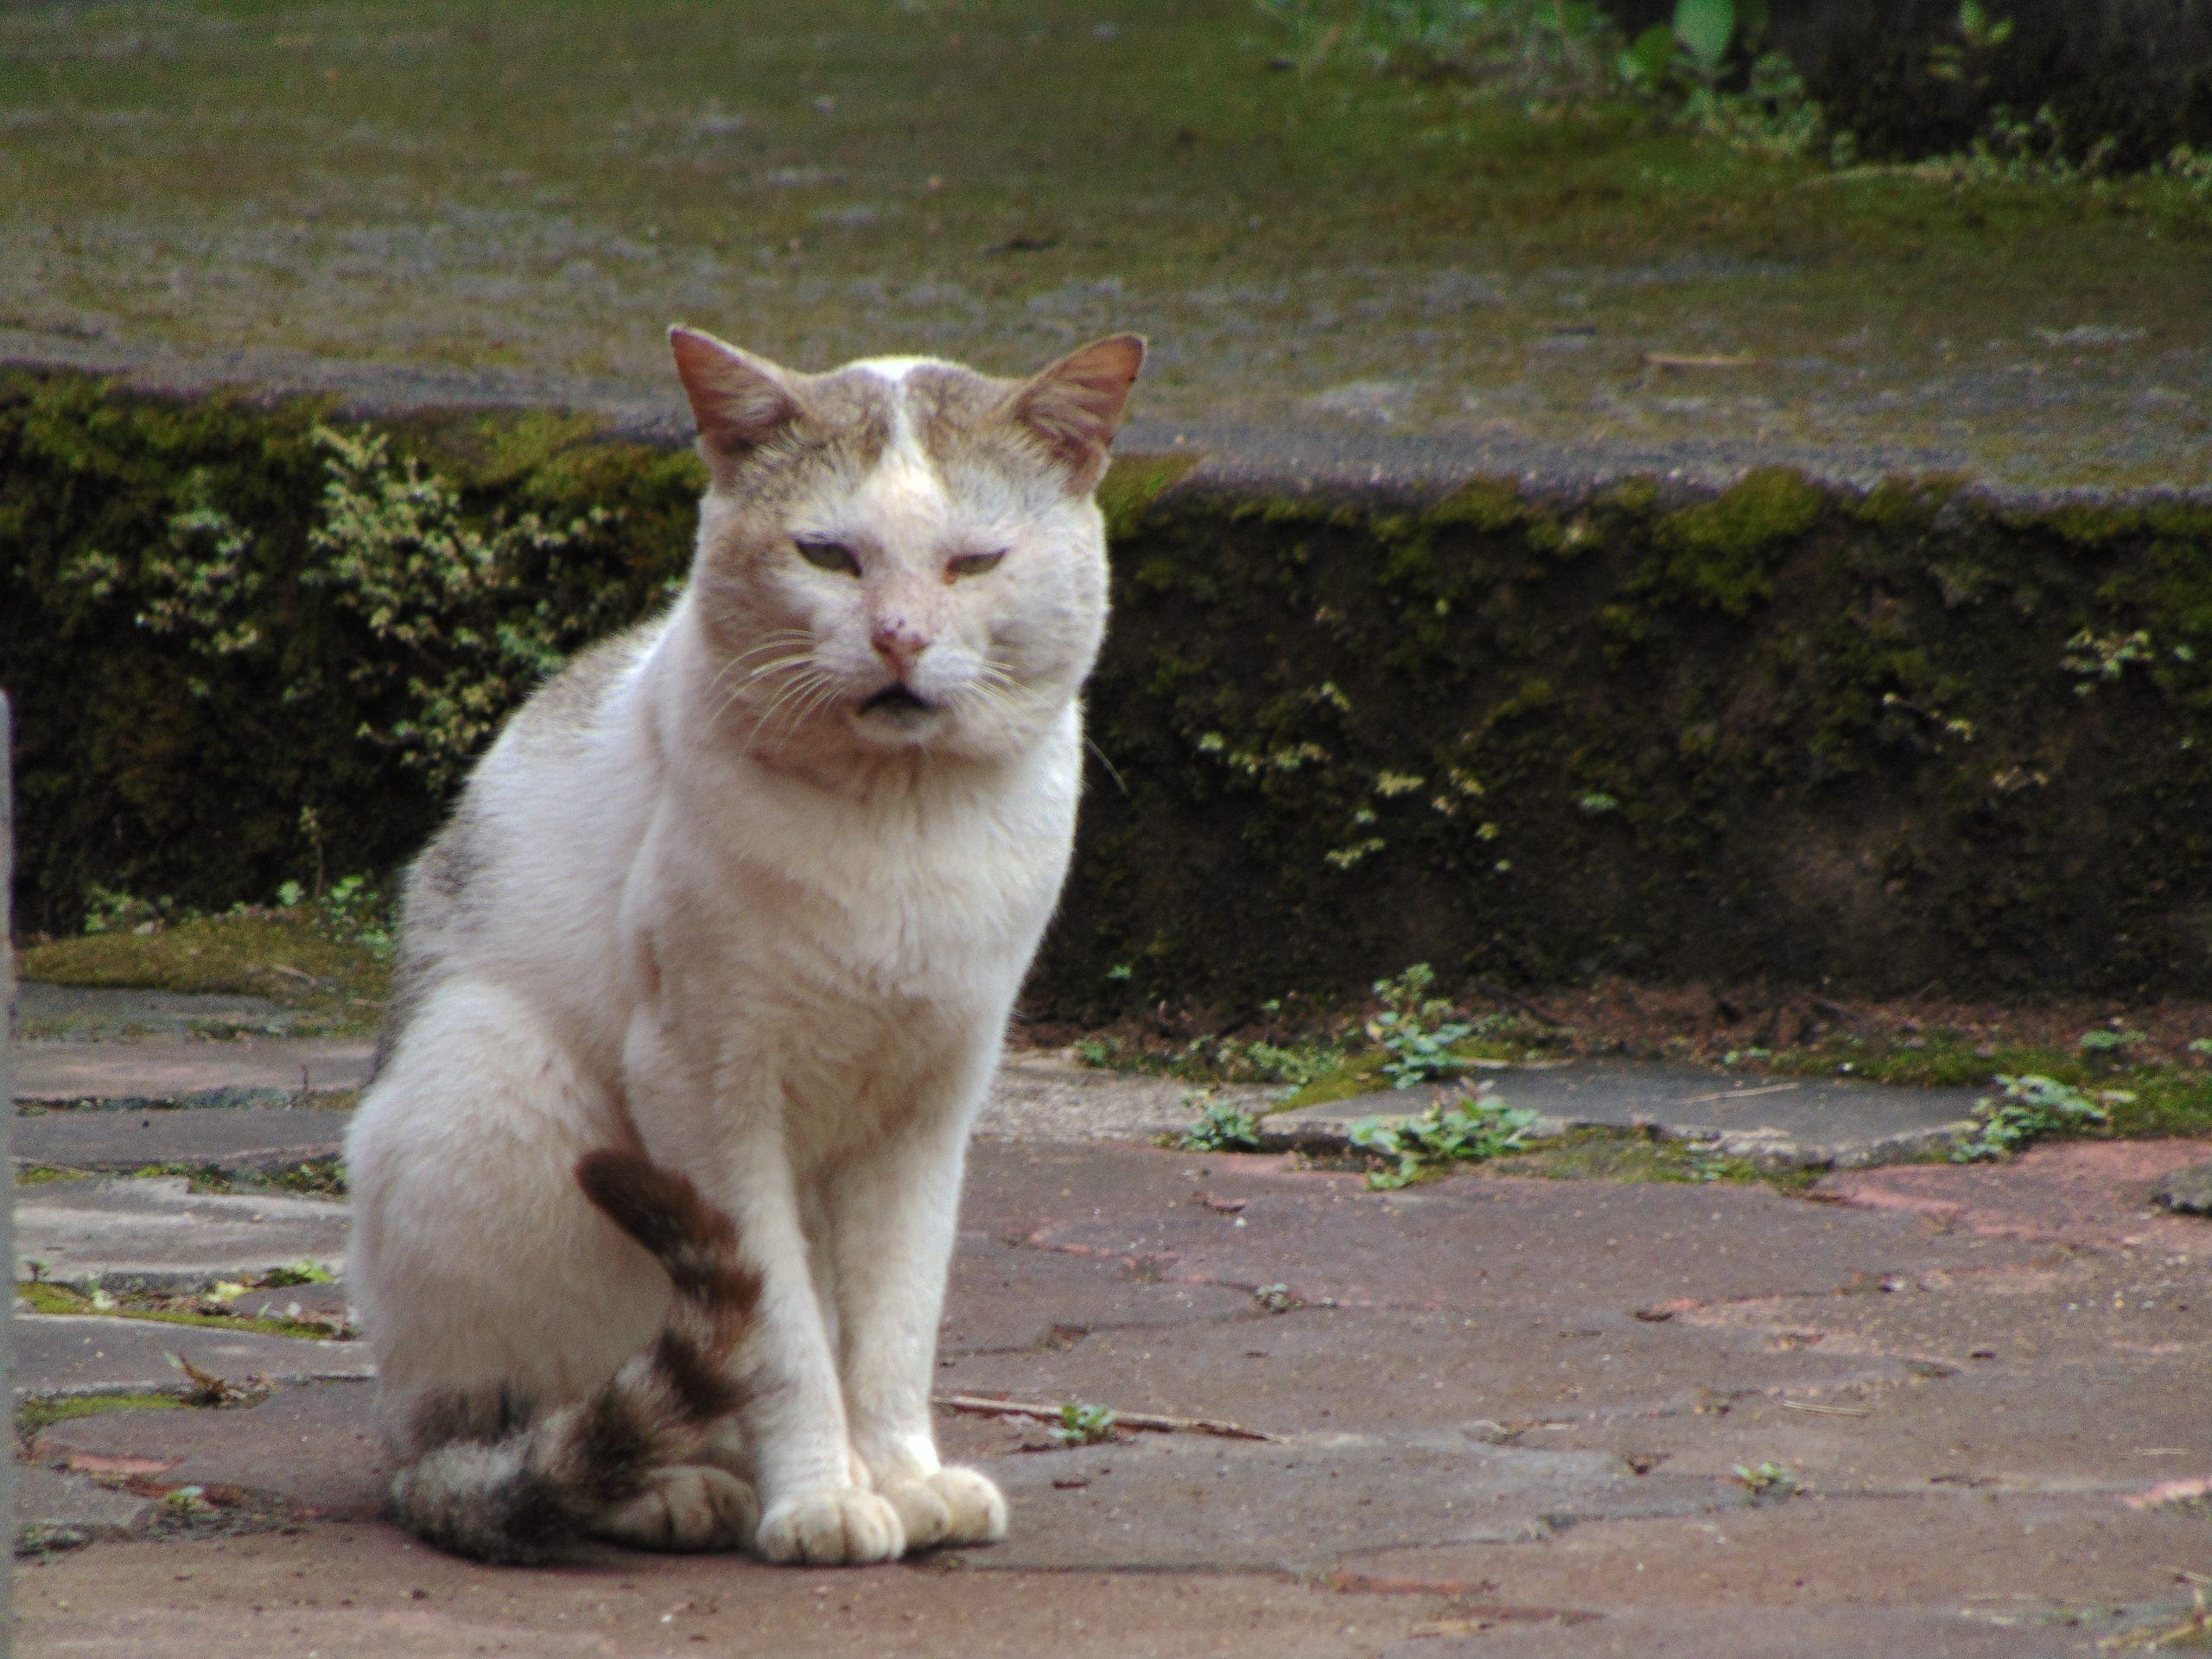 a cute cat in the street